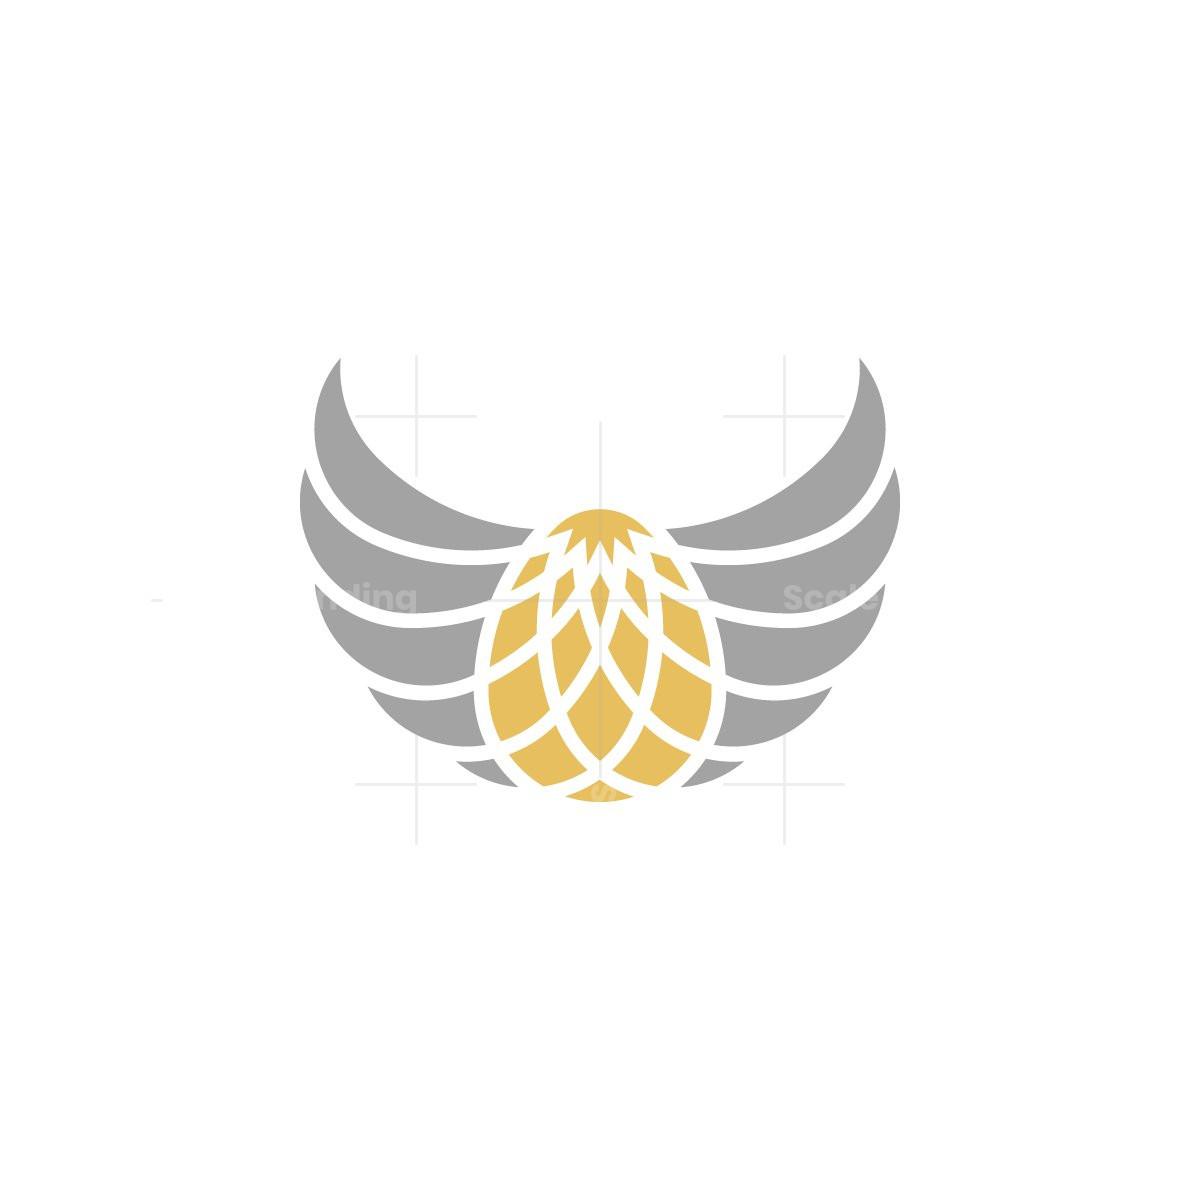 Golden Egg Wings Logo